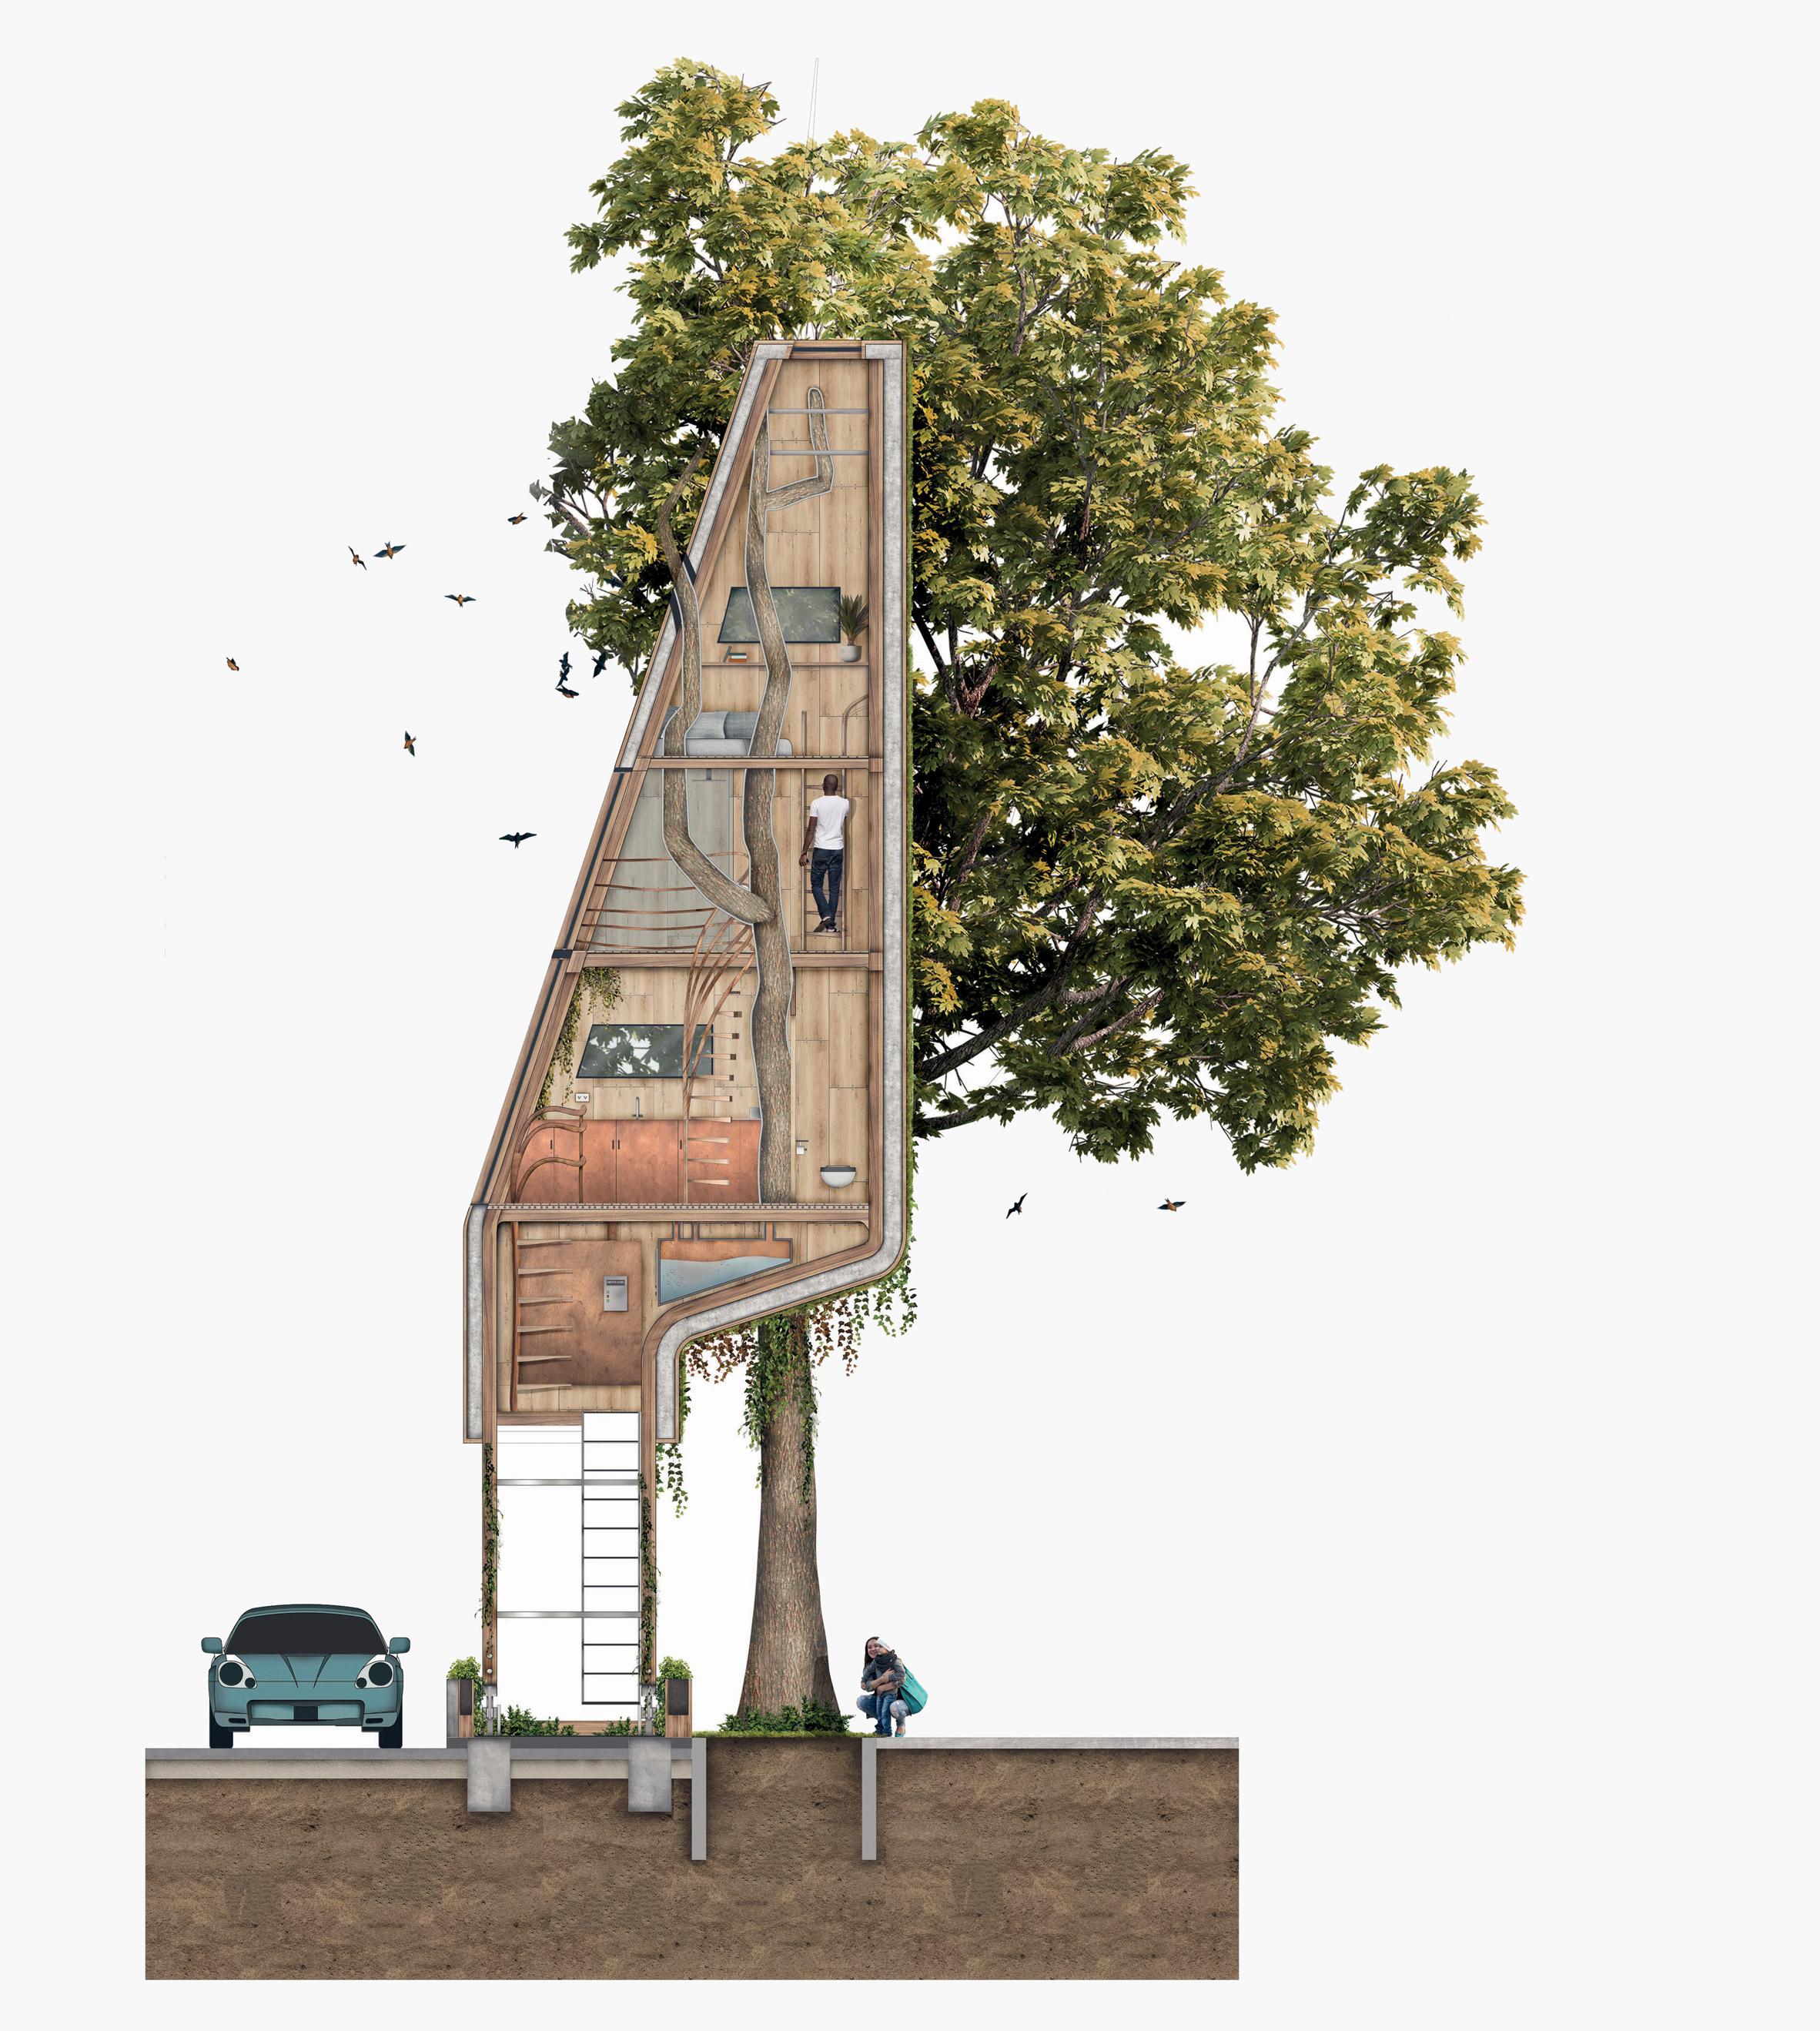 Ствол дерева является элементом конструкции здания